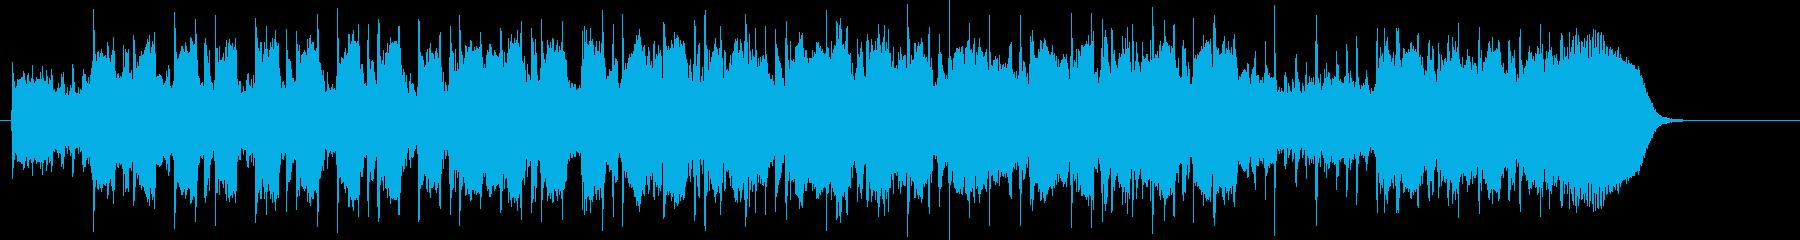 ポップでゆったりとしたメローなBGMの再生済みの波形